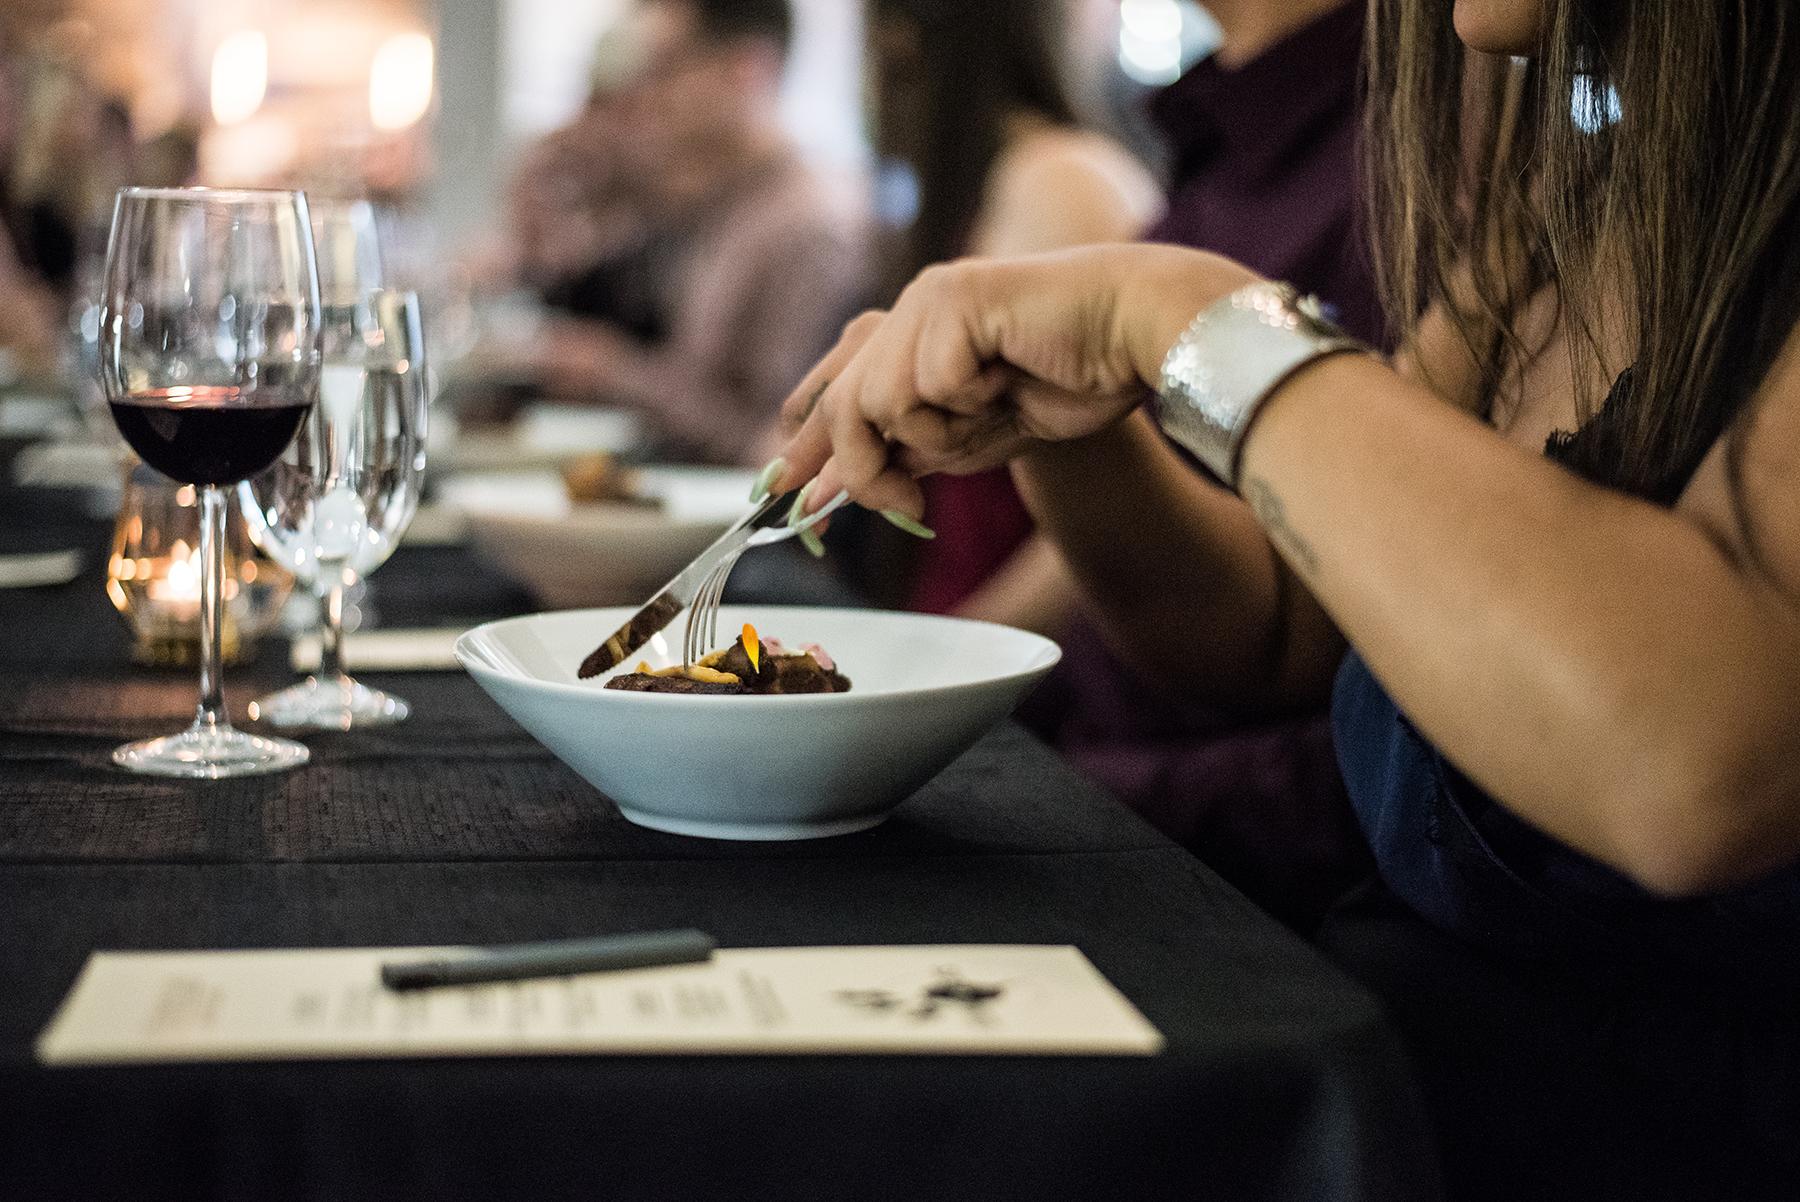 Photo: courtesy Culinary Beats